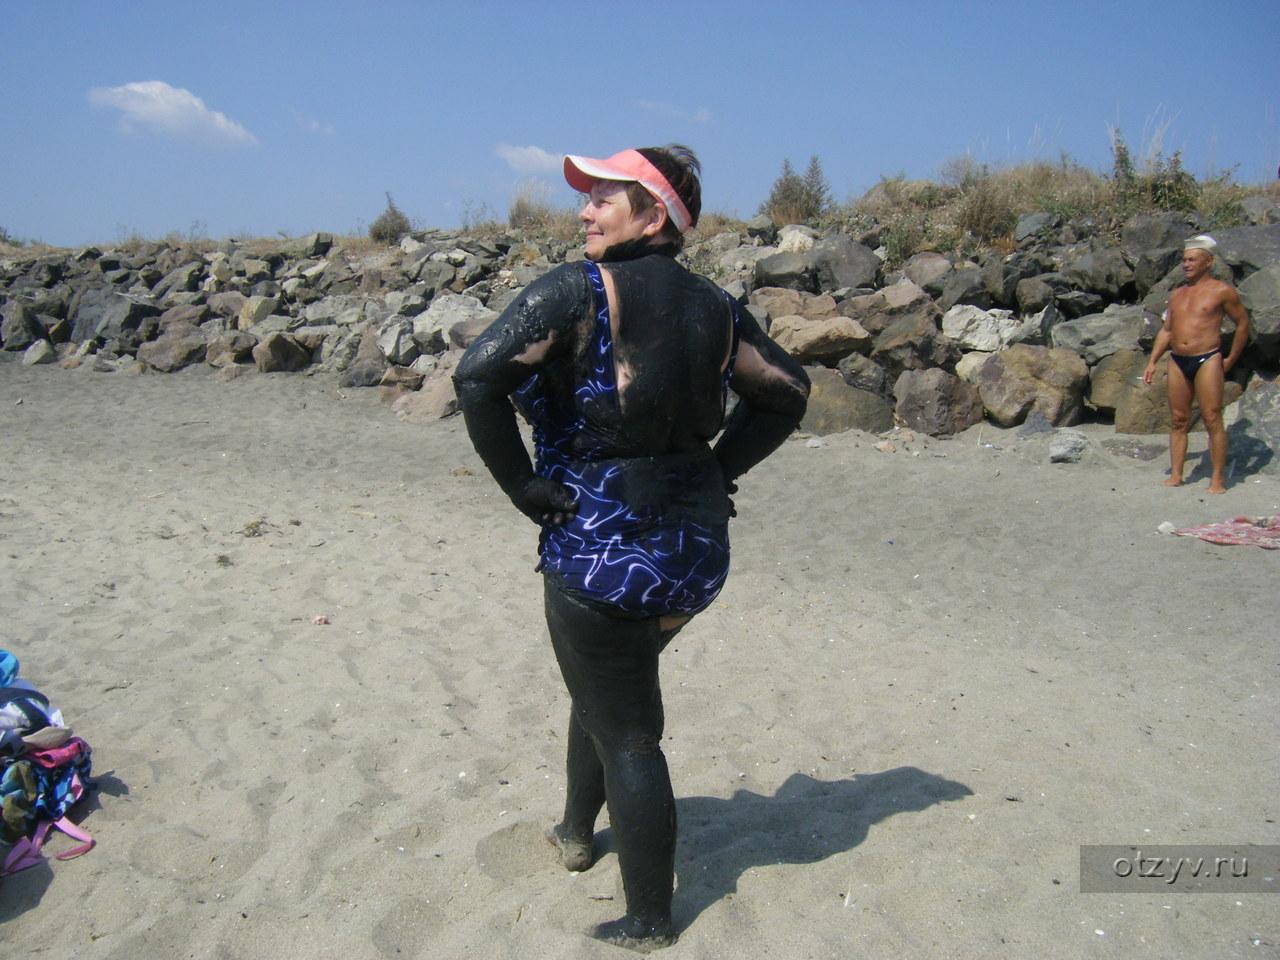 Лечение суставов грязями болгарии при ломоте в суставах